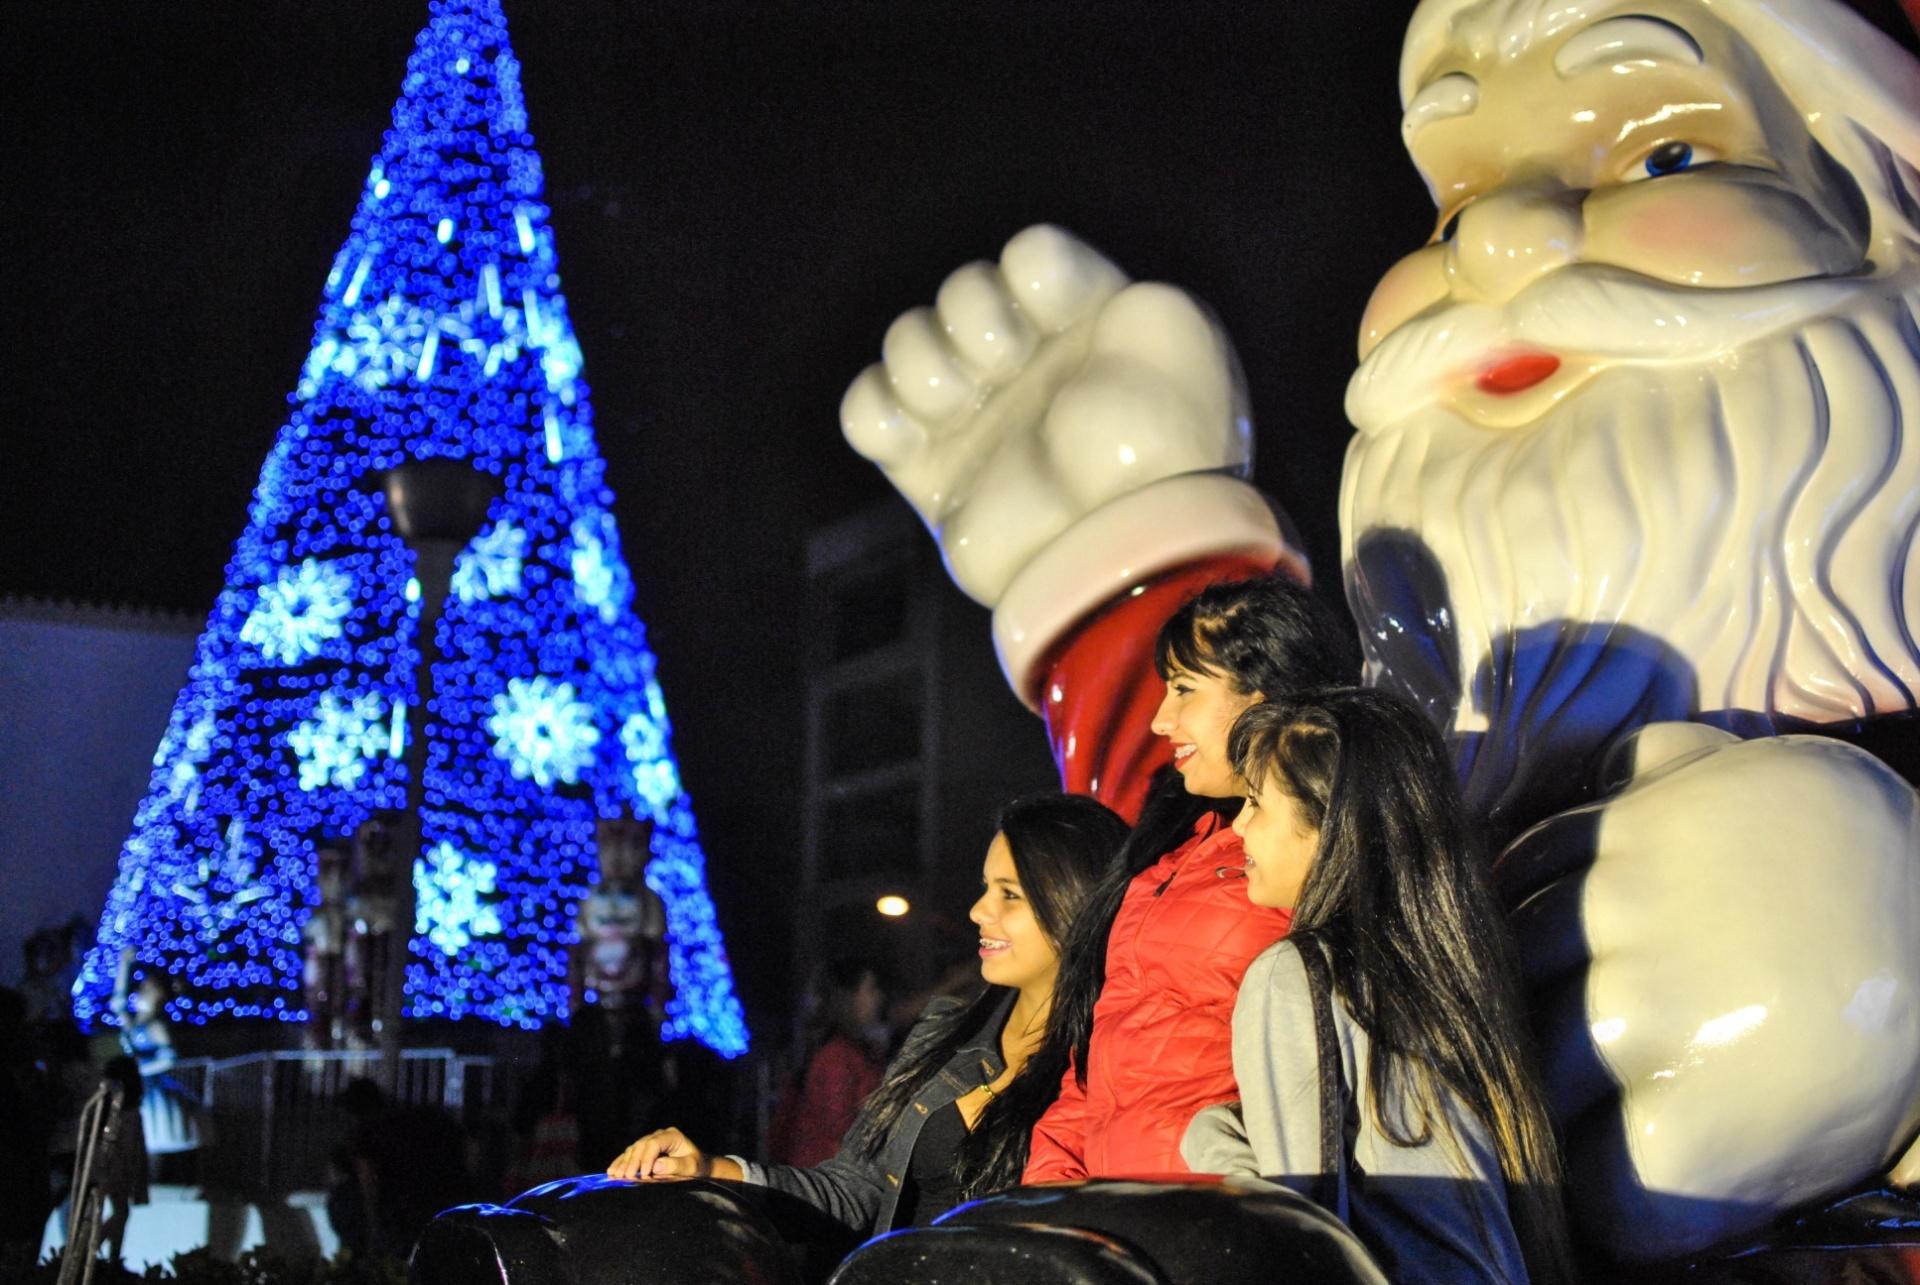 29.nov.2014 - Decoração de natal é inaugurada em Osasco, na grande São Paulo, com a apresentação do Coral de Natal do Servidor, na noite deste sábado (29), em frente à Prefeitura